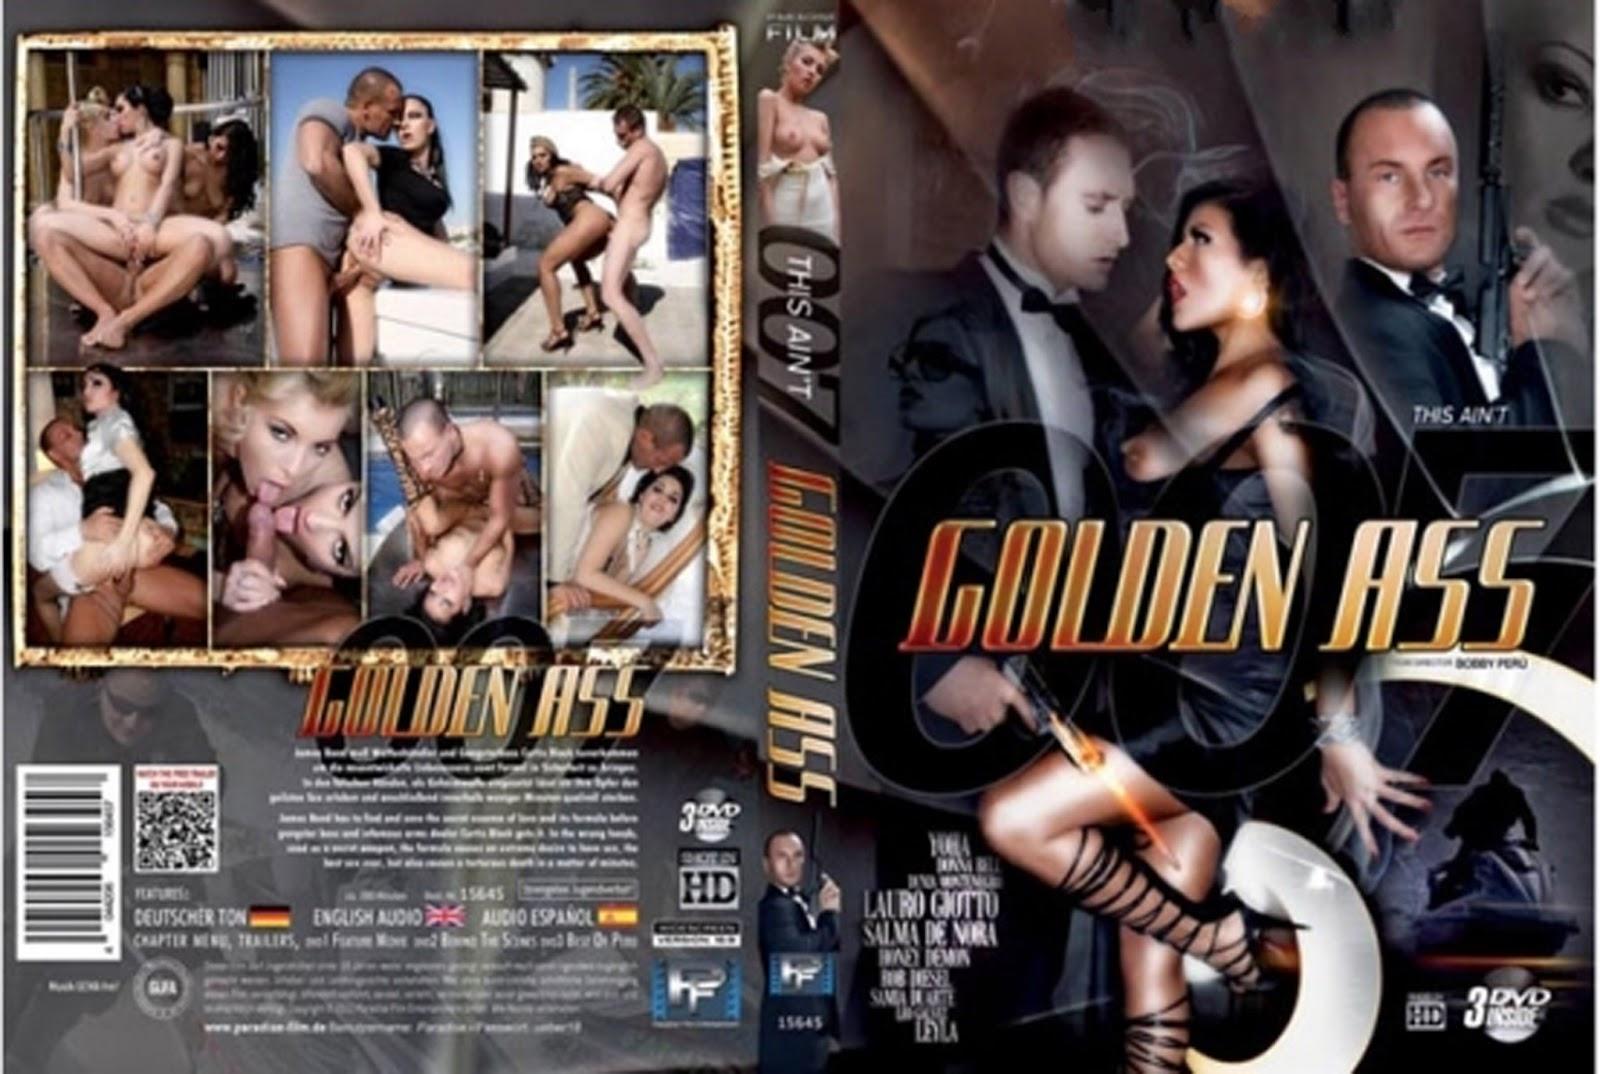 007 Porn dvd cover free: dvd cover xxx : this aint 007 golden ass xxx